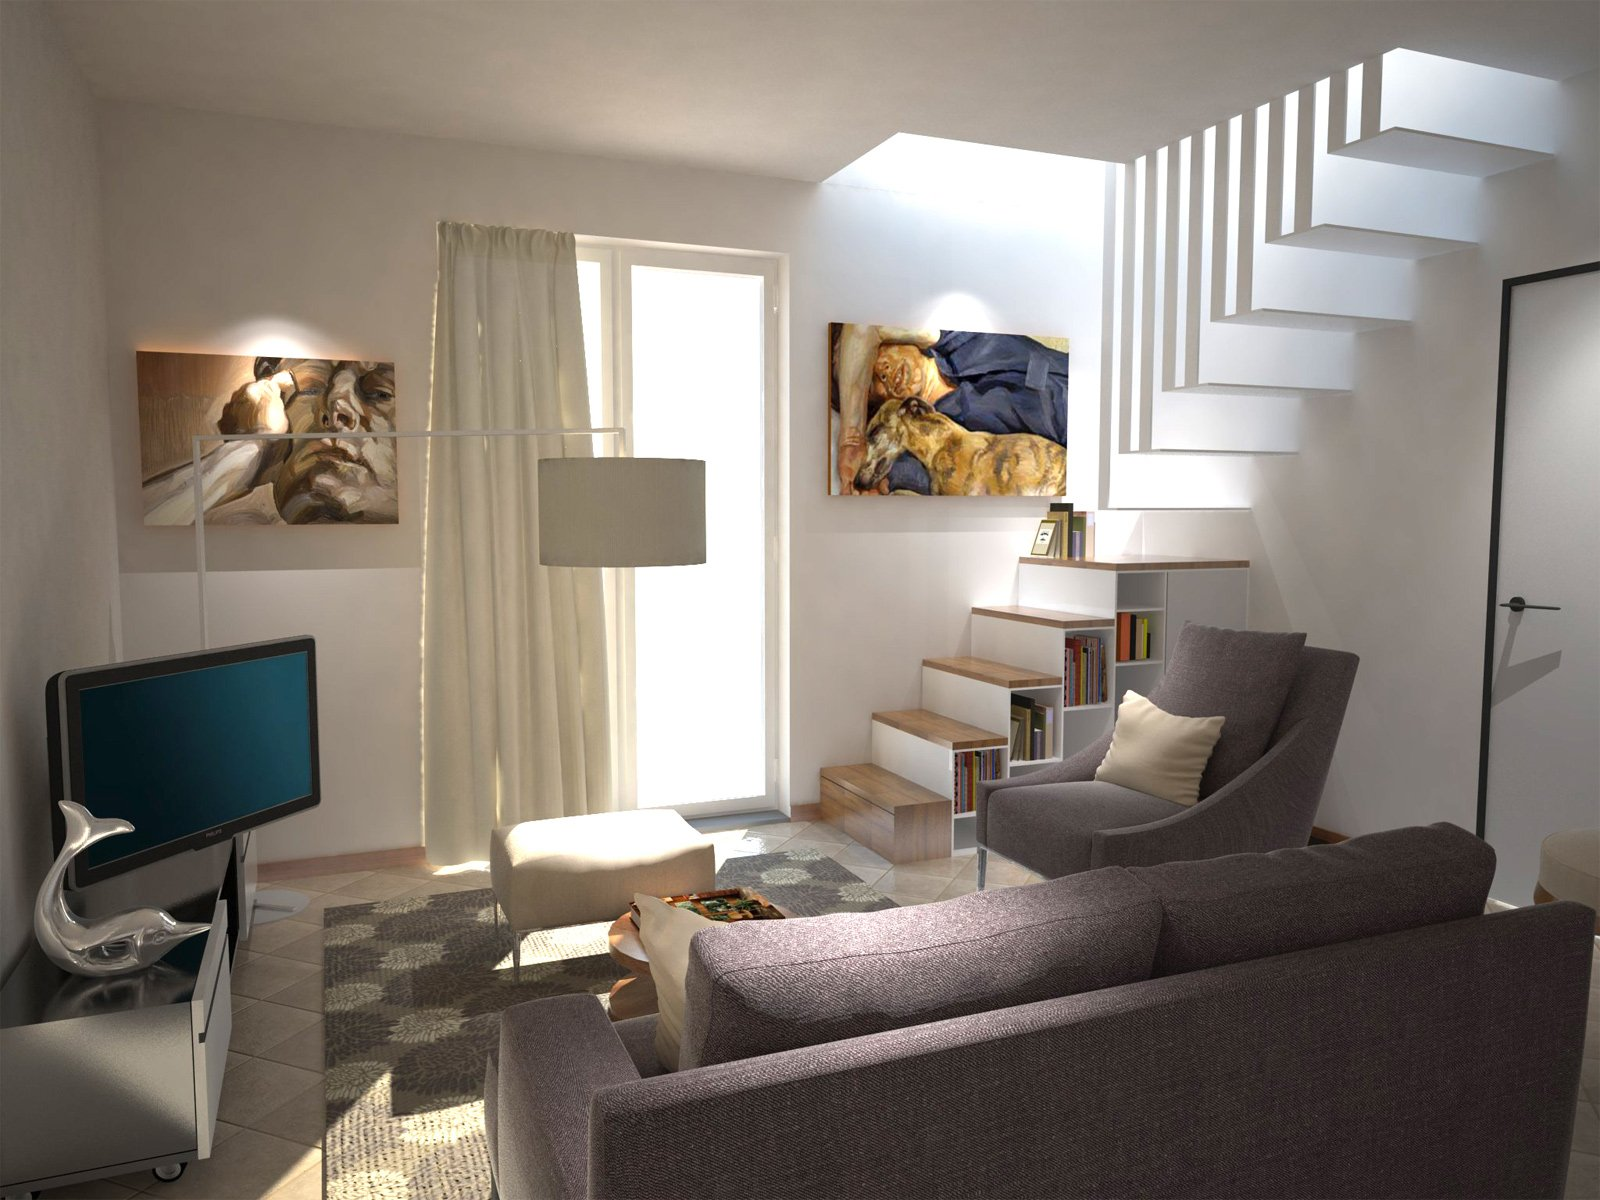 Arredare un soggiorno con tante aperture sulle pareti for Idee per arredare il soggiorno foto